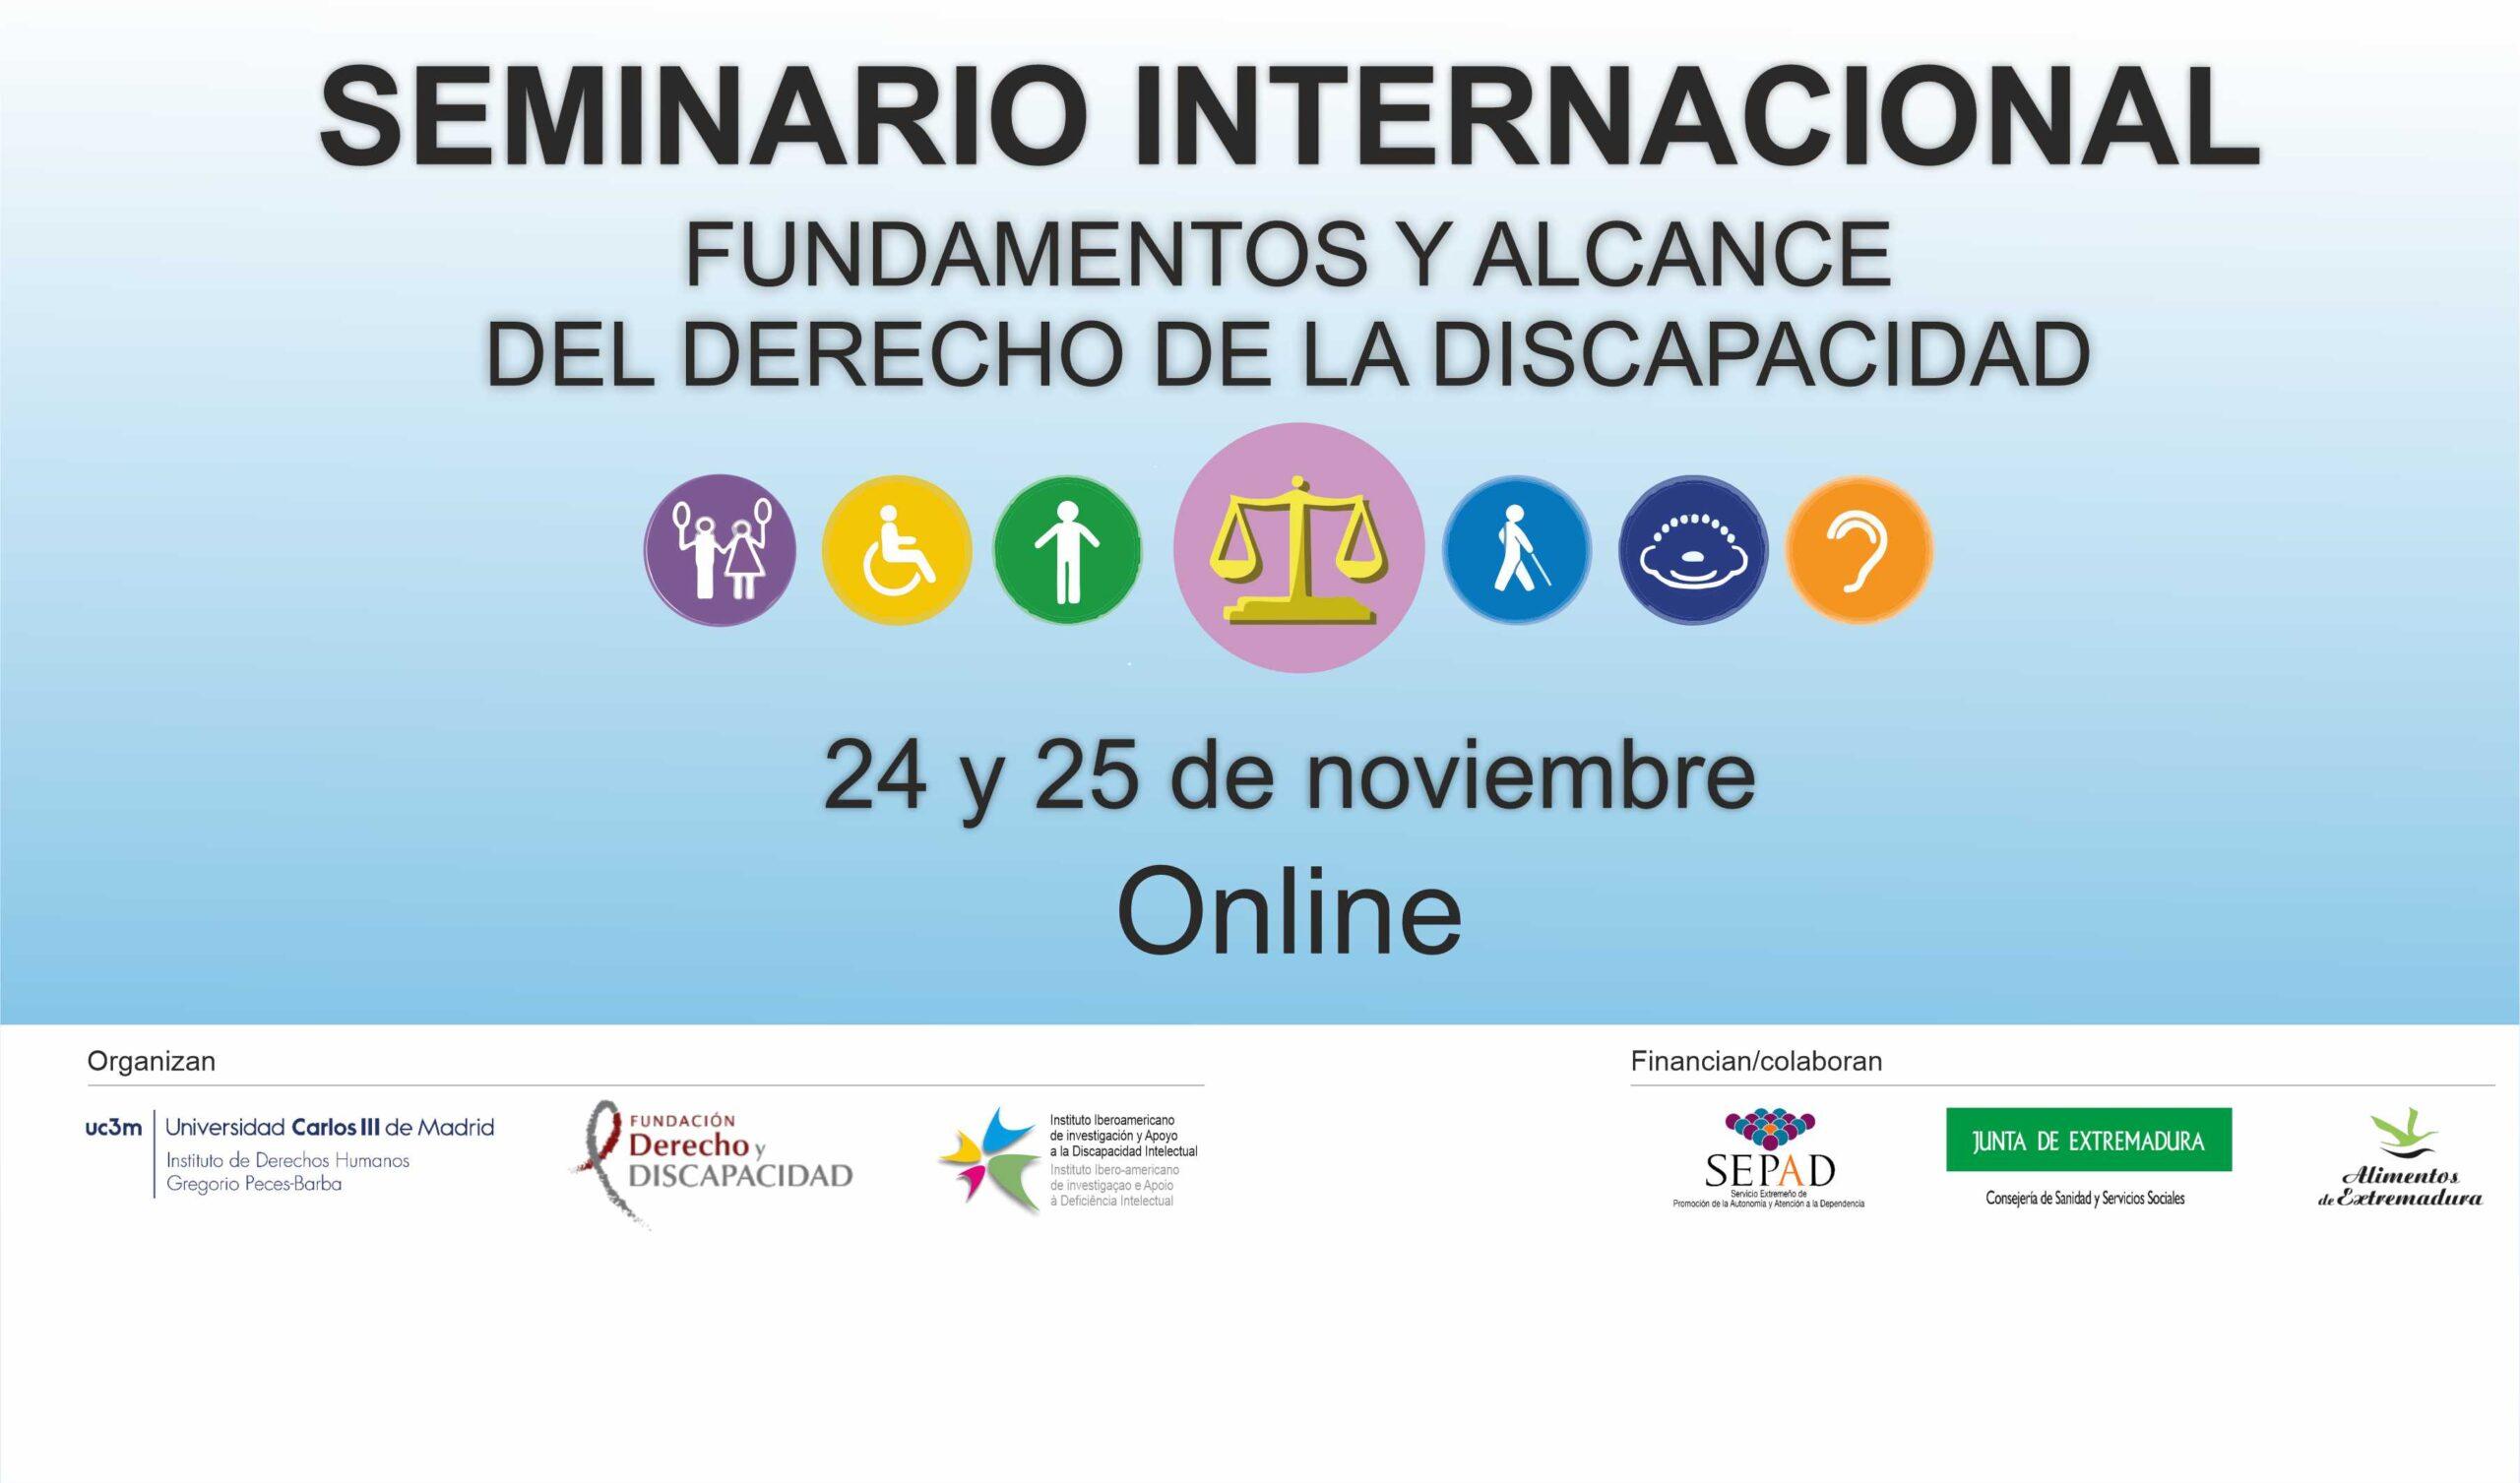 SEMINARIO INTERNACIONAL «FUNDAMENTOS Y ALCANCE DEL DERECHO DE LA DISCAPACIDAD».